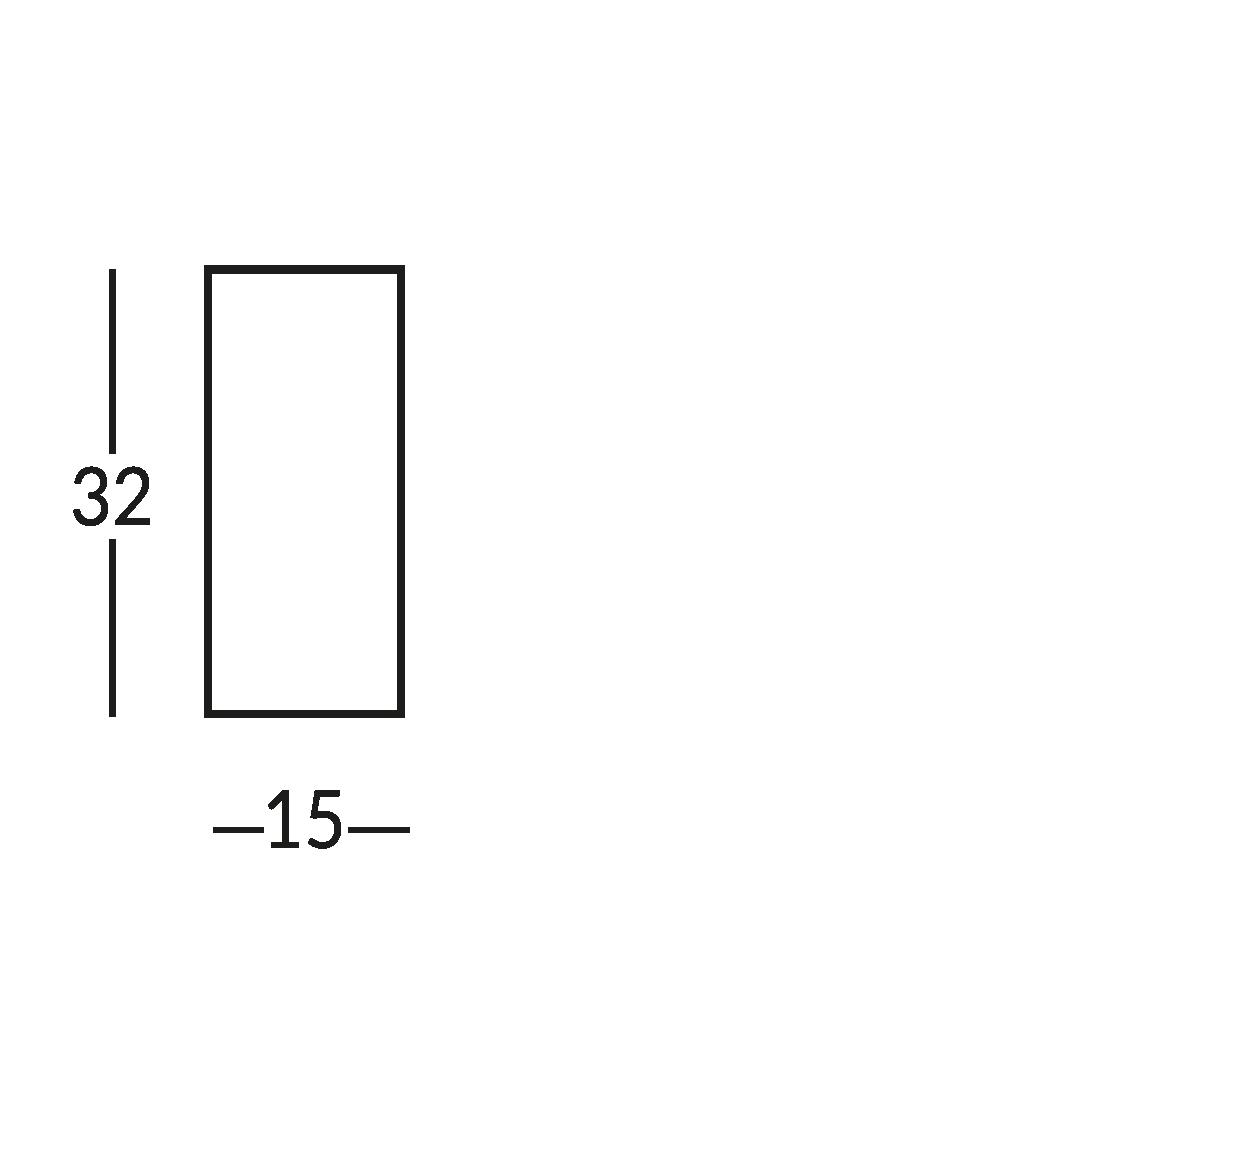 Placa soporte para información, normas y regulaciones, hecho en metal. cm 15 x 32